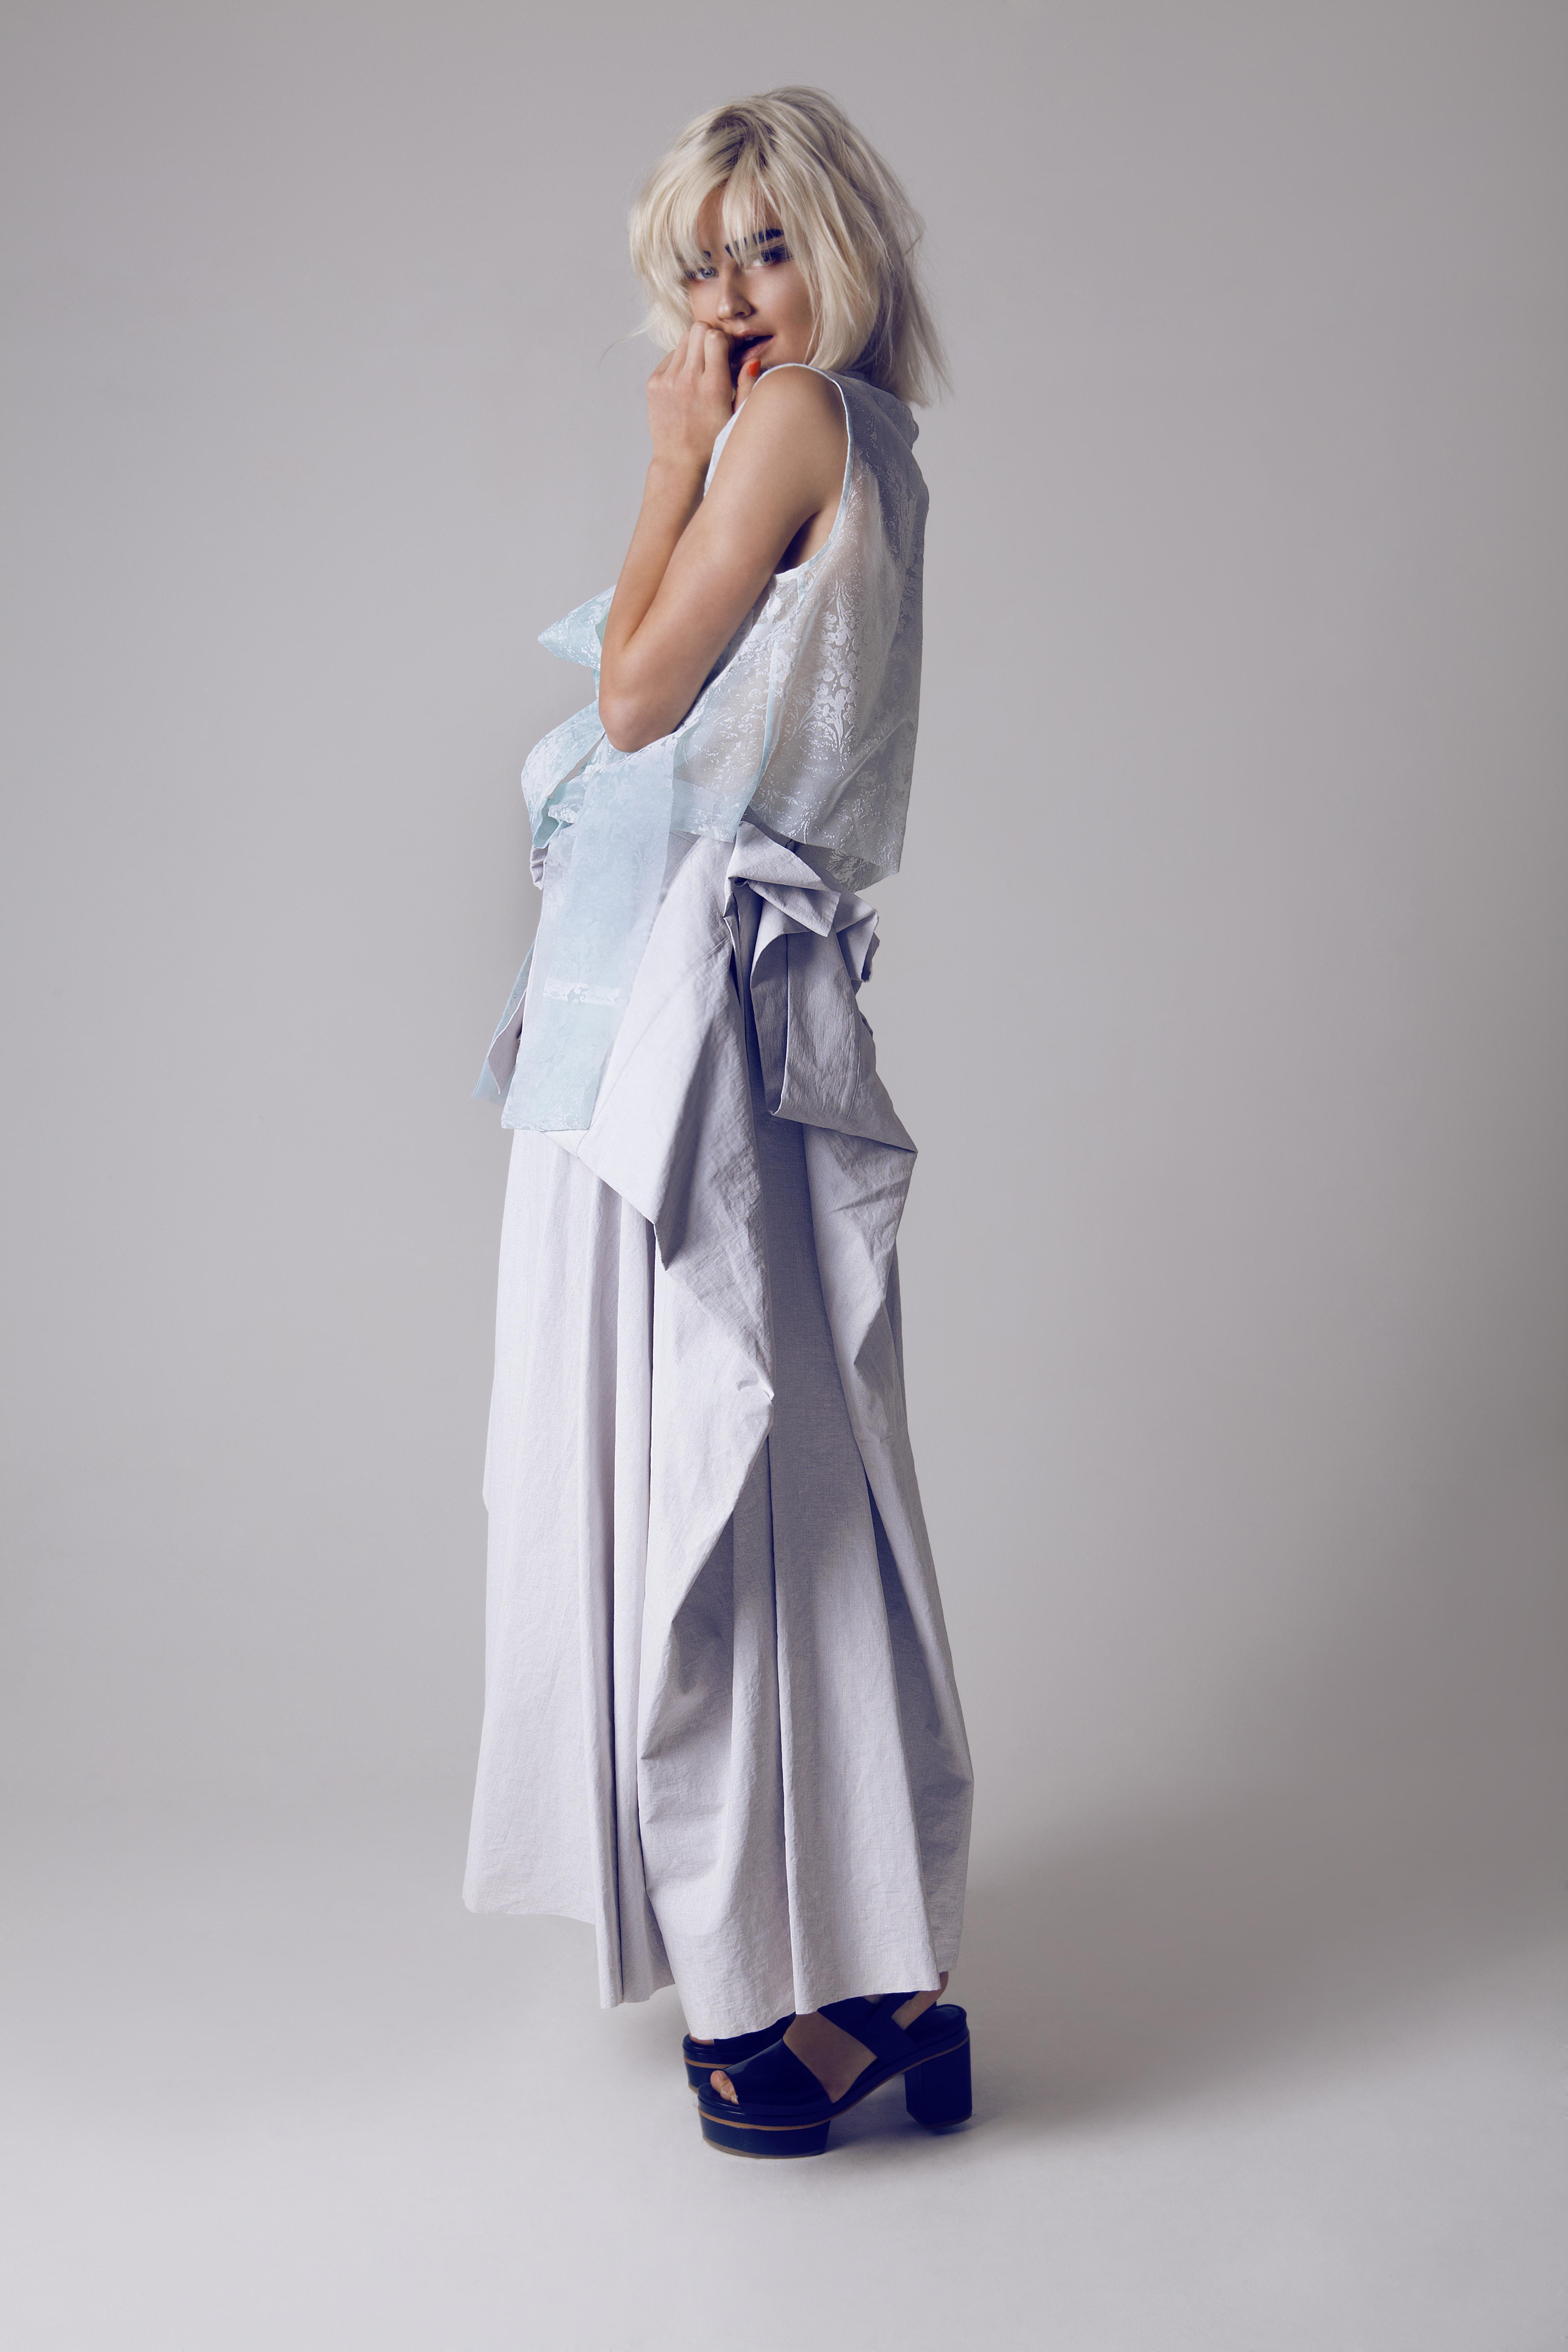 Flocked Top, Volume Draped Skirt